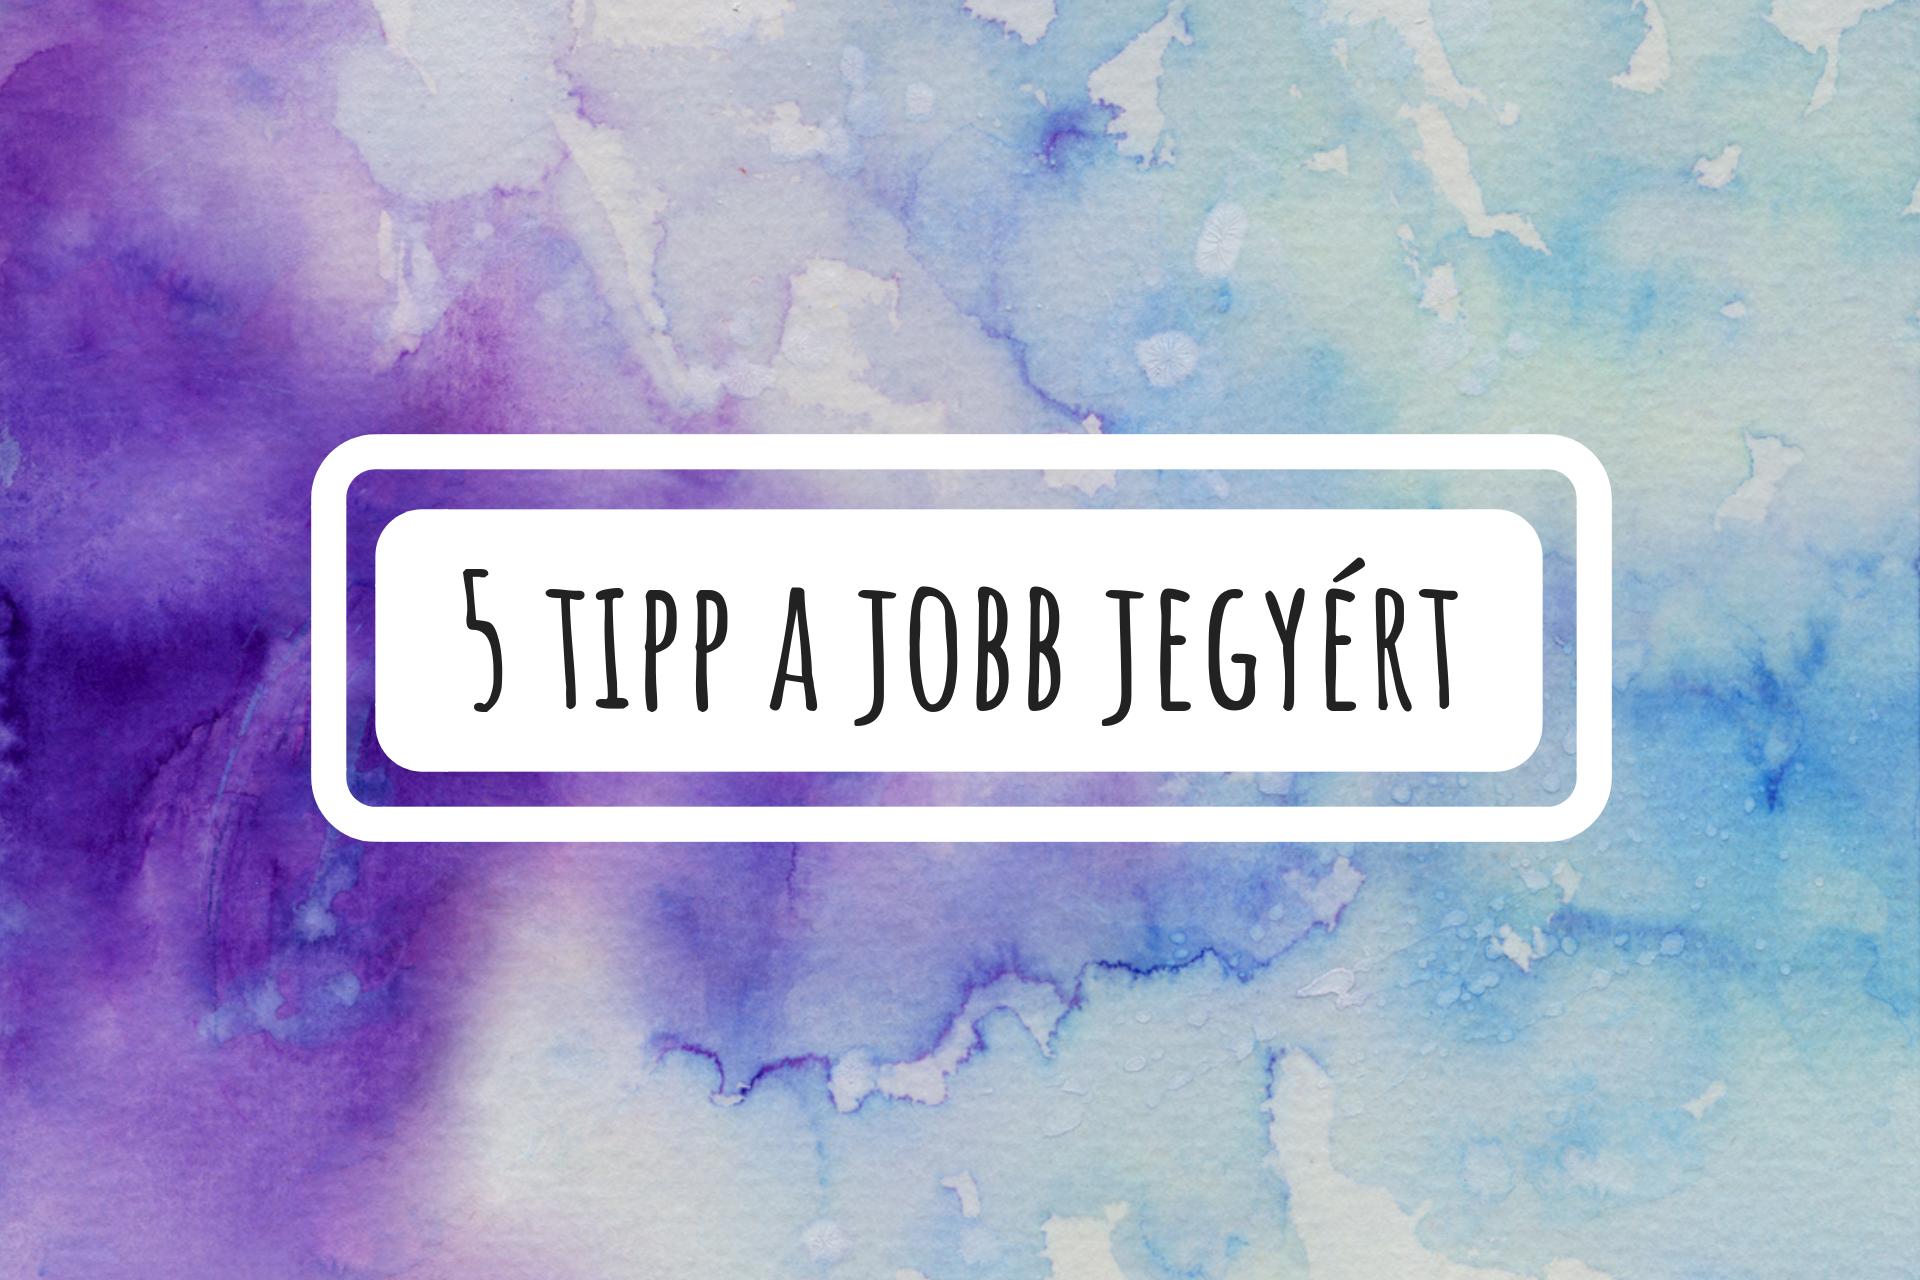 5_tipp_a_jobb_jegyert.png